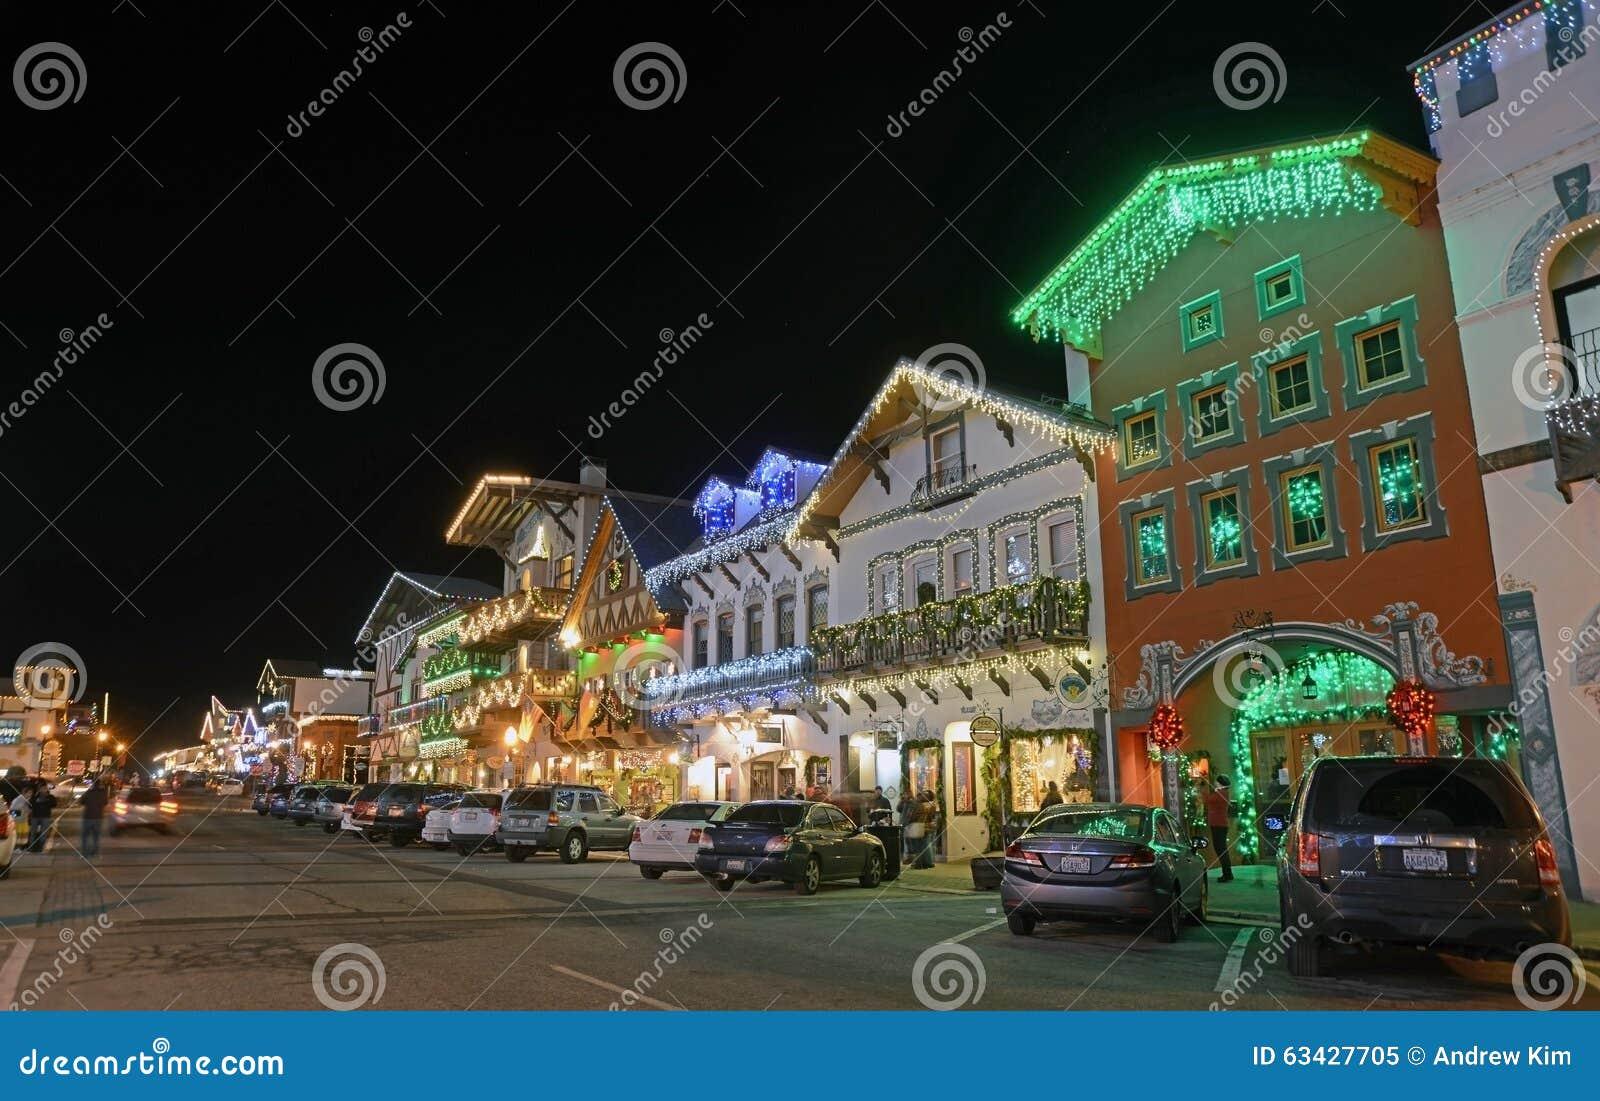 Illuminazione Esterna Natale : Illuminazione esterna per natale luci di natale per esterno